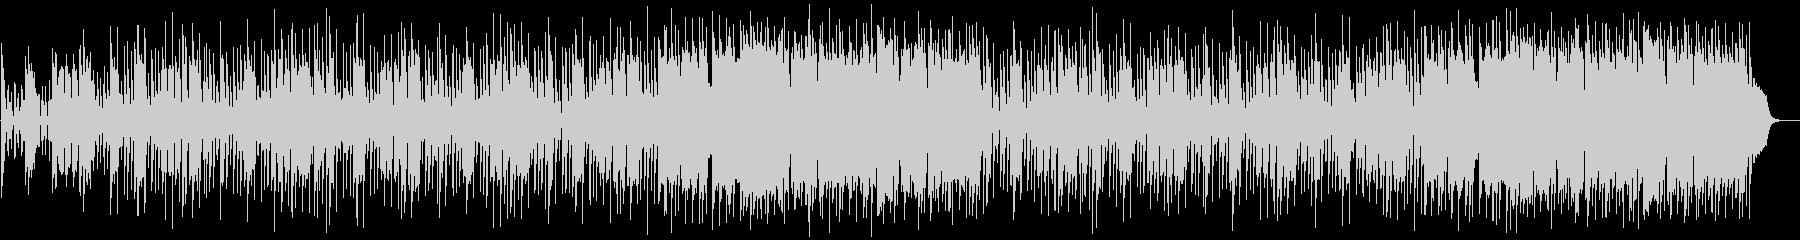 ミドルテンポのハードロックの未再生の波形